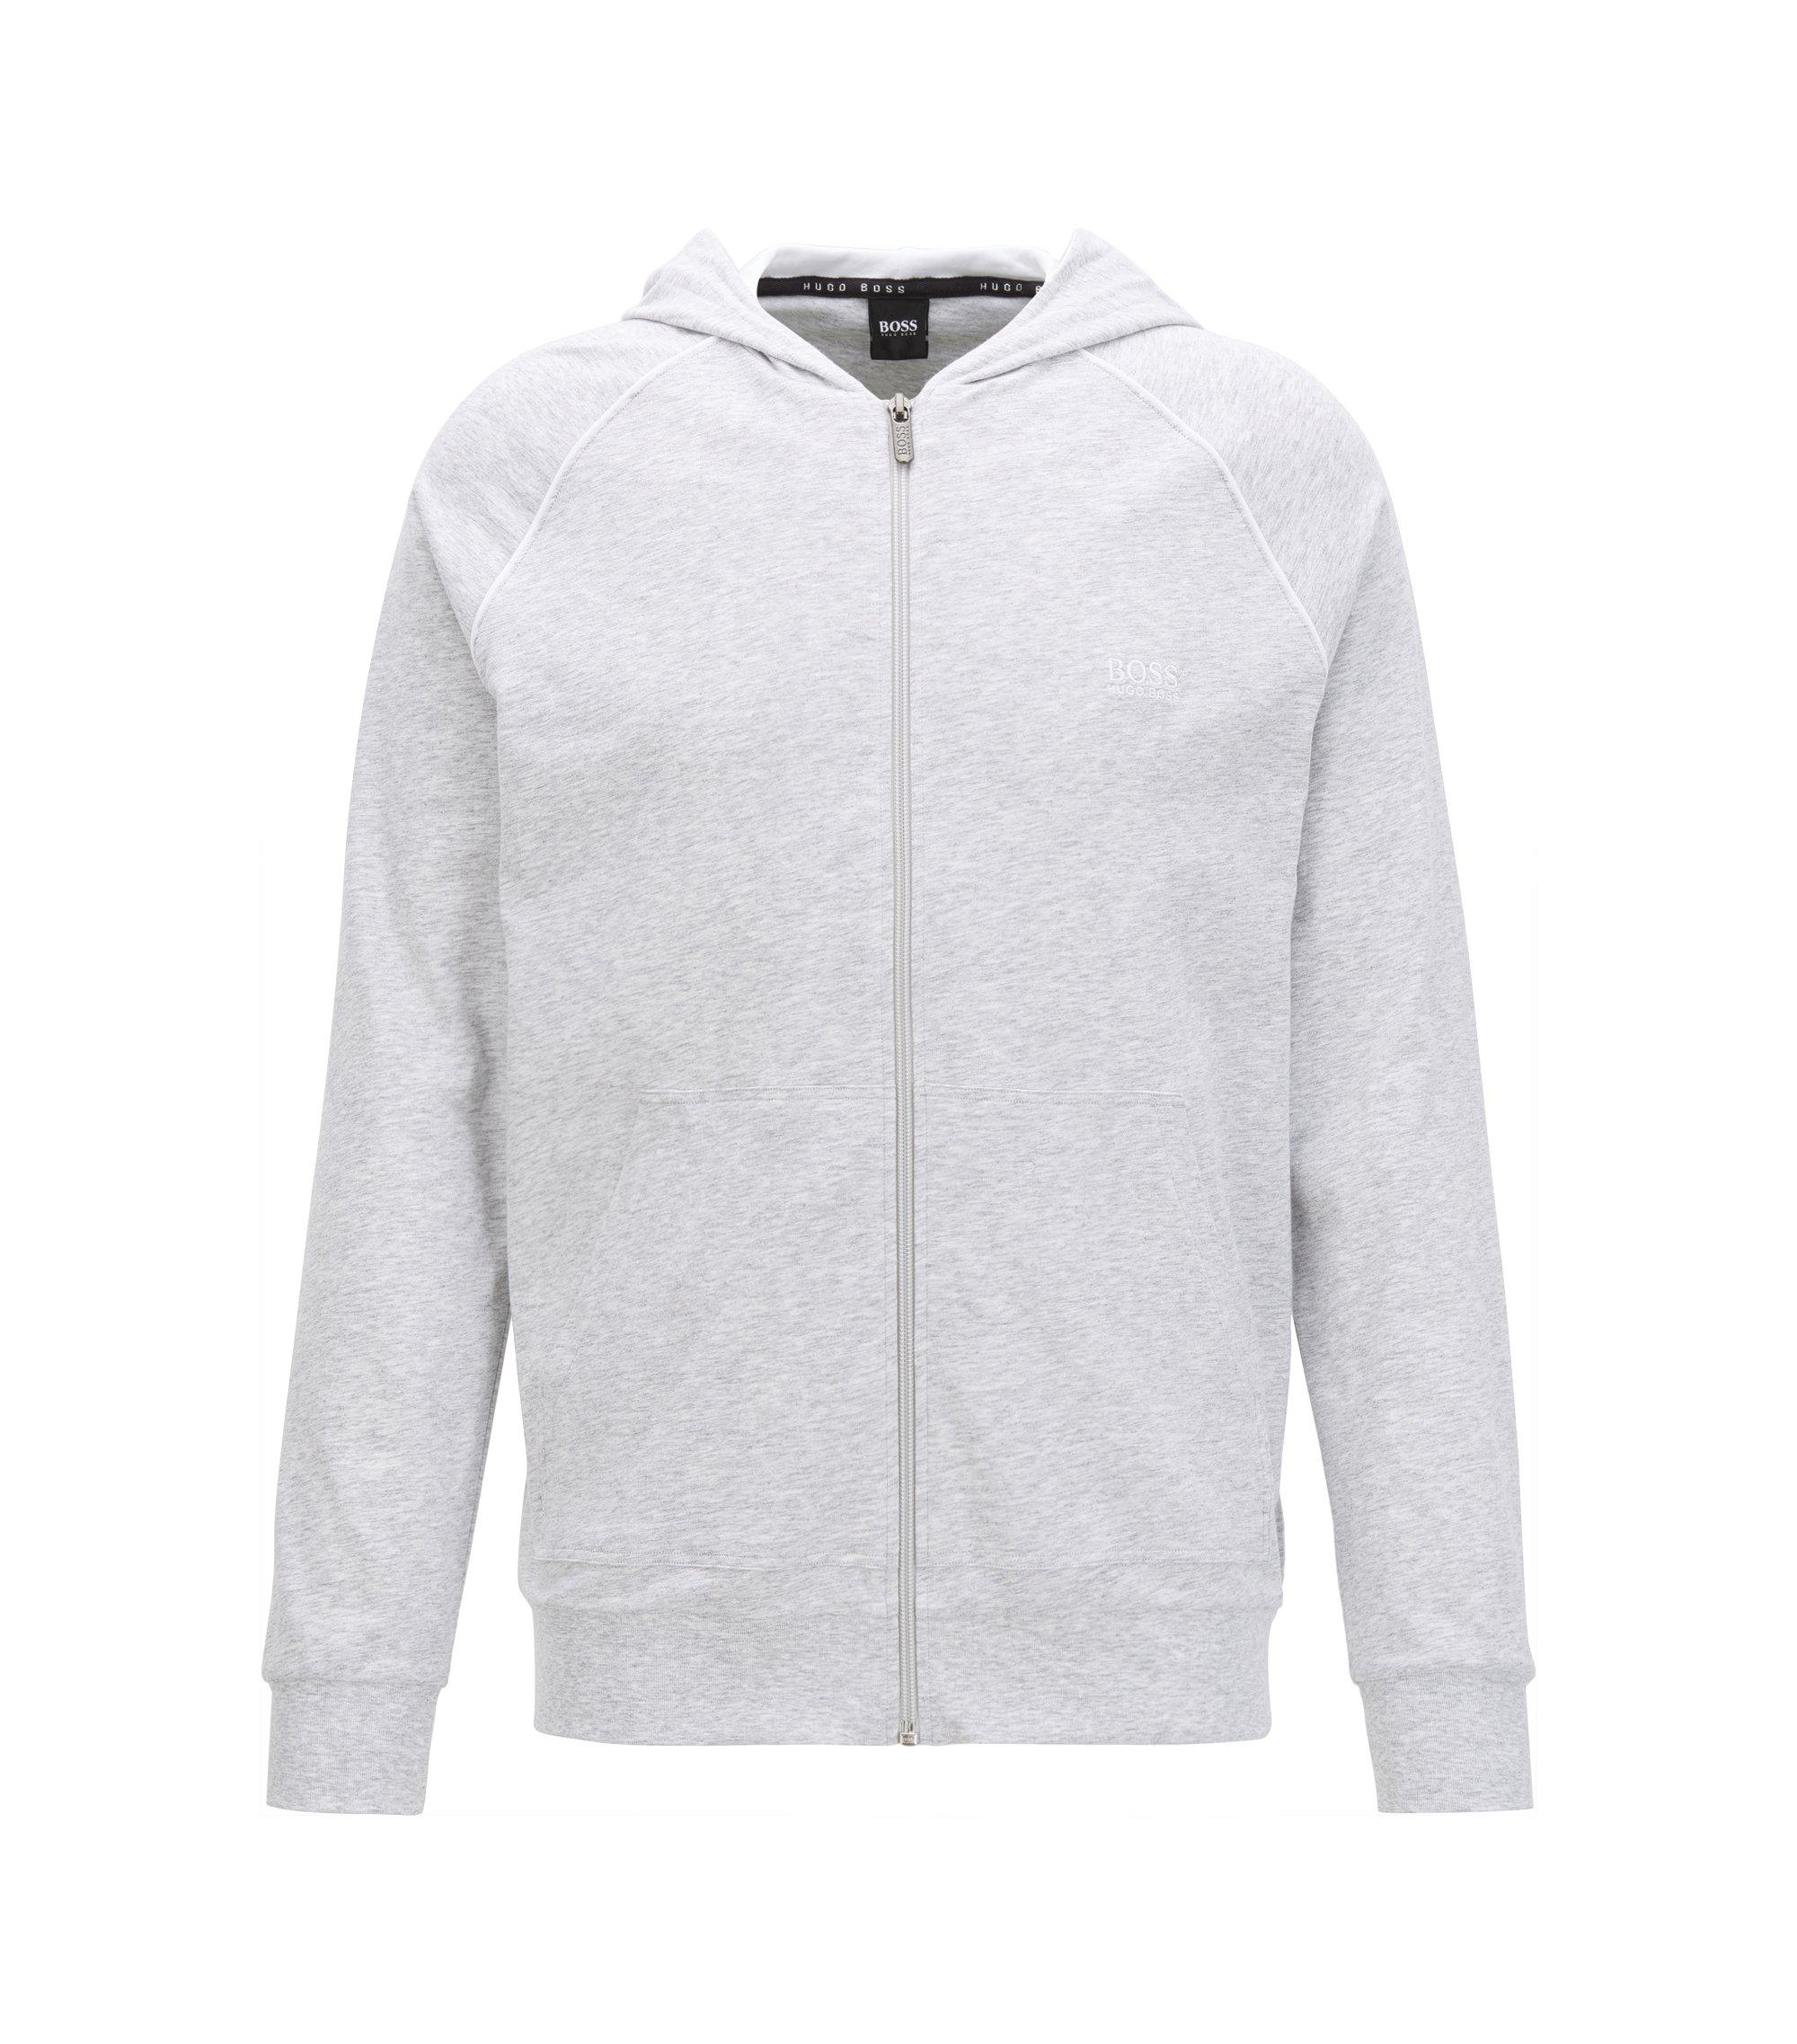 Sudadera con capucha y cremallera integral en punto de algodón elástico con ribeteado en contraste, Gris